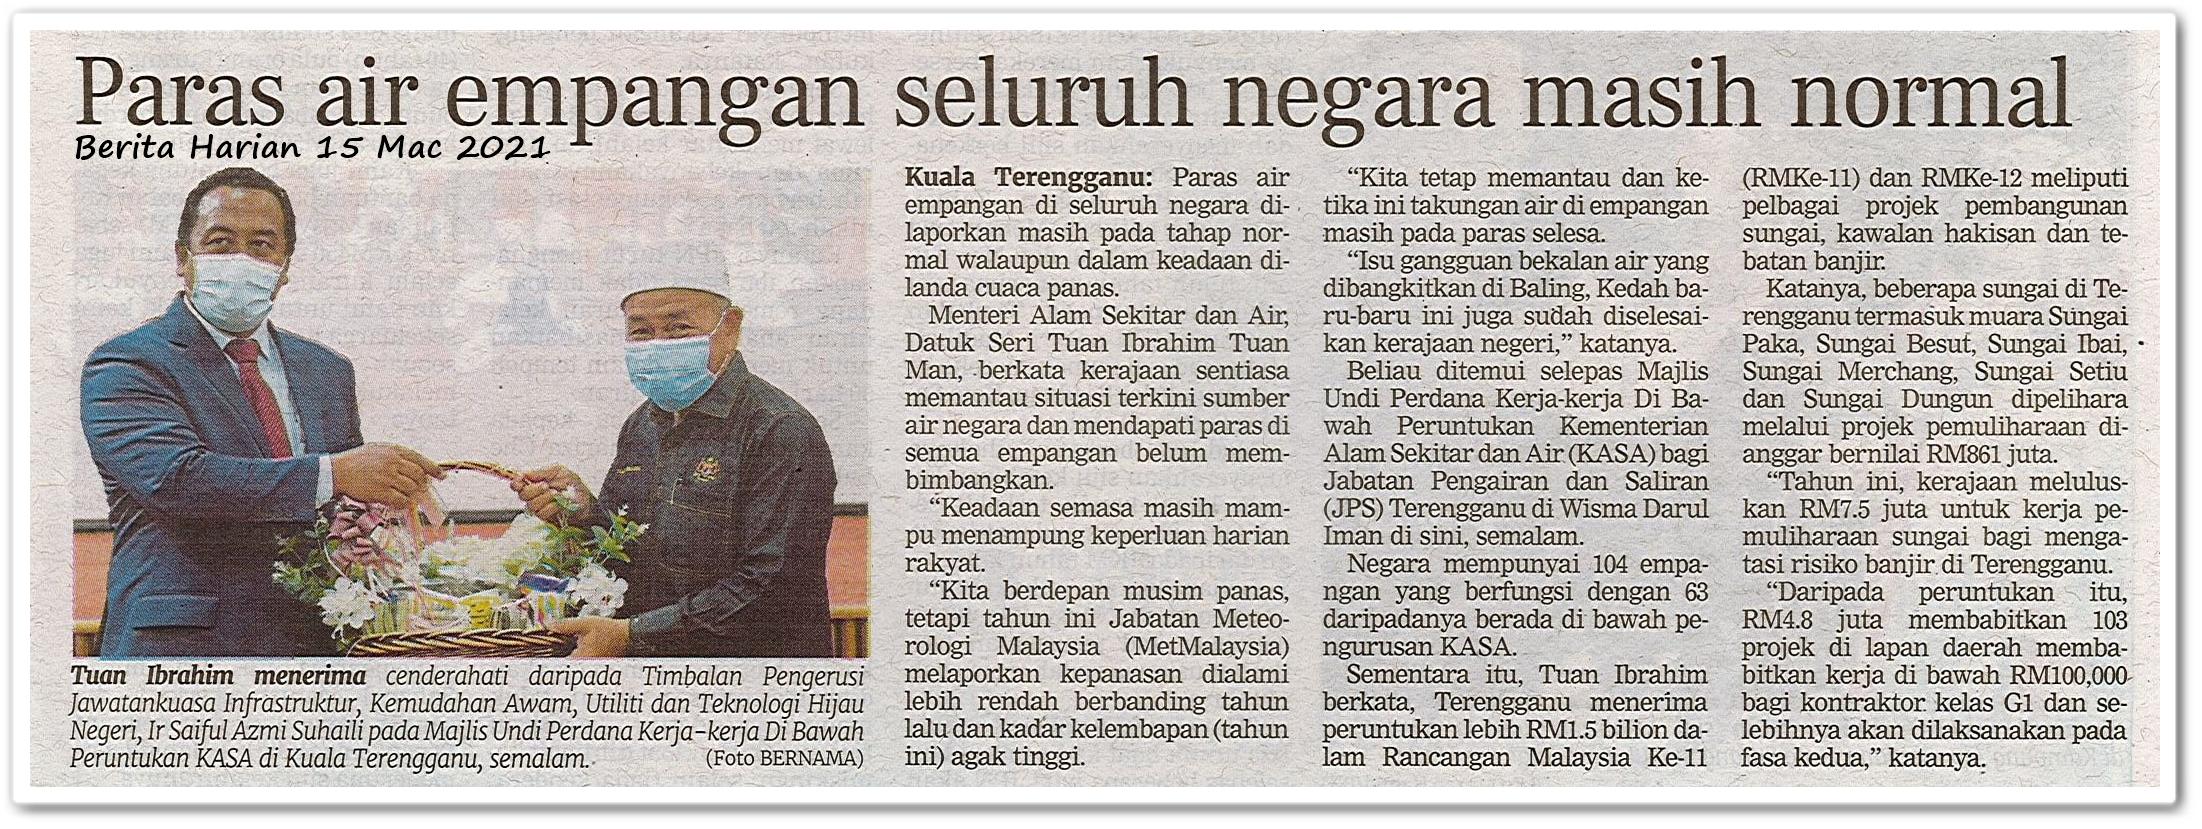 Paras air empangan seluruh negara masih normal - Keratan akhbar Berita Harian 15 Mac 2021